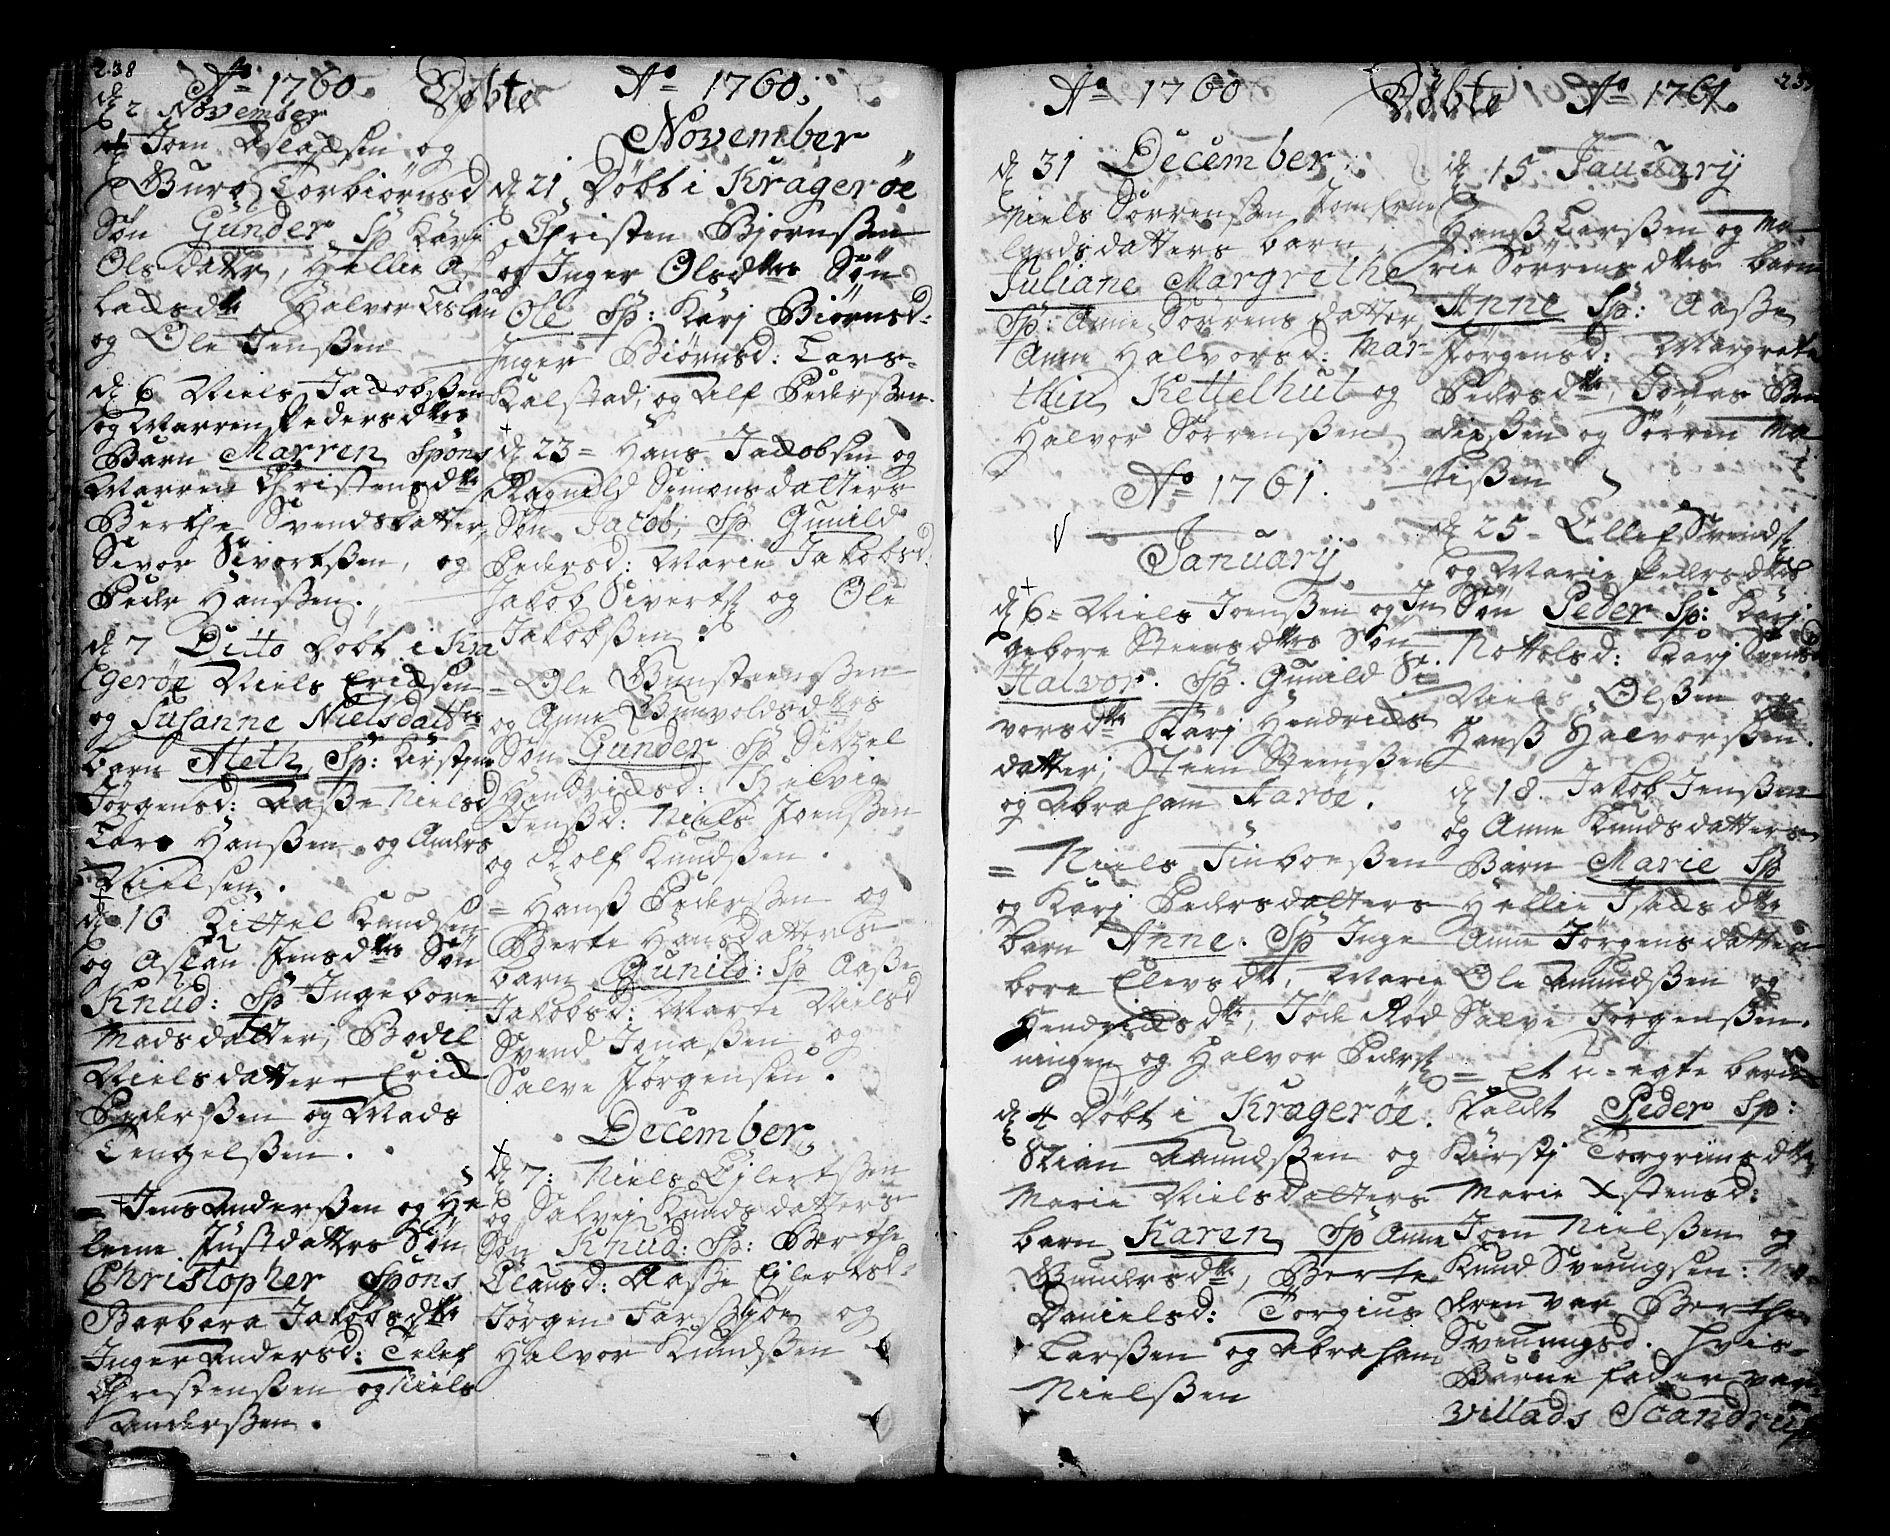 SAKO, Sannidal kirkebøker, F/Fa/L0001: Ministerialbok nr. 1, 1702-1766, s. 238-239